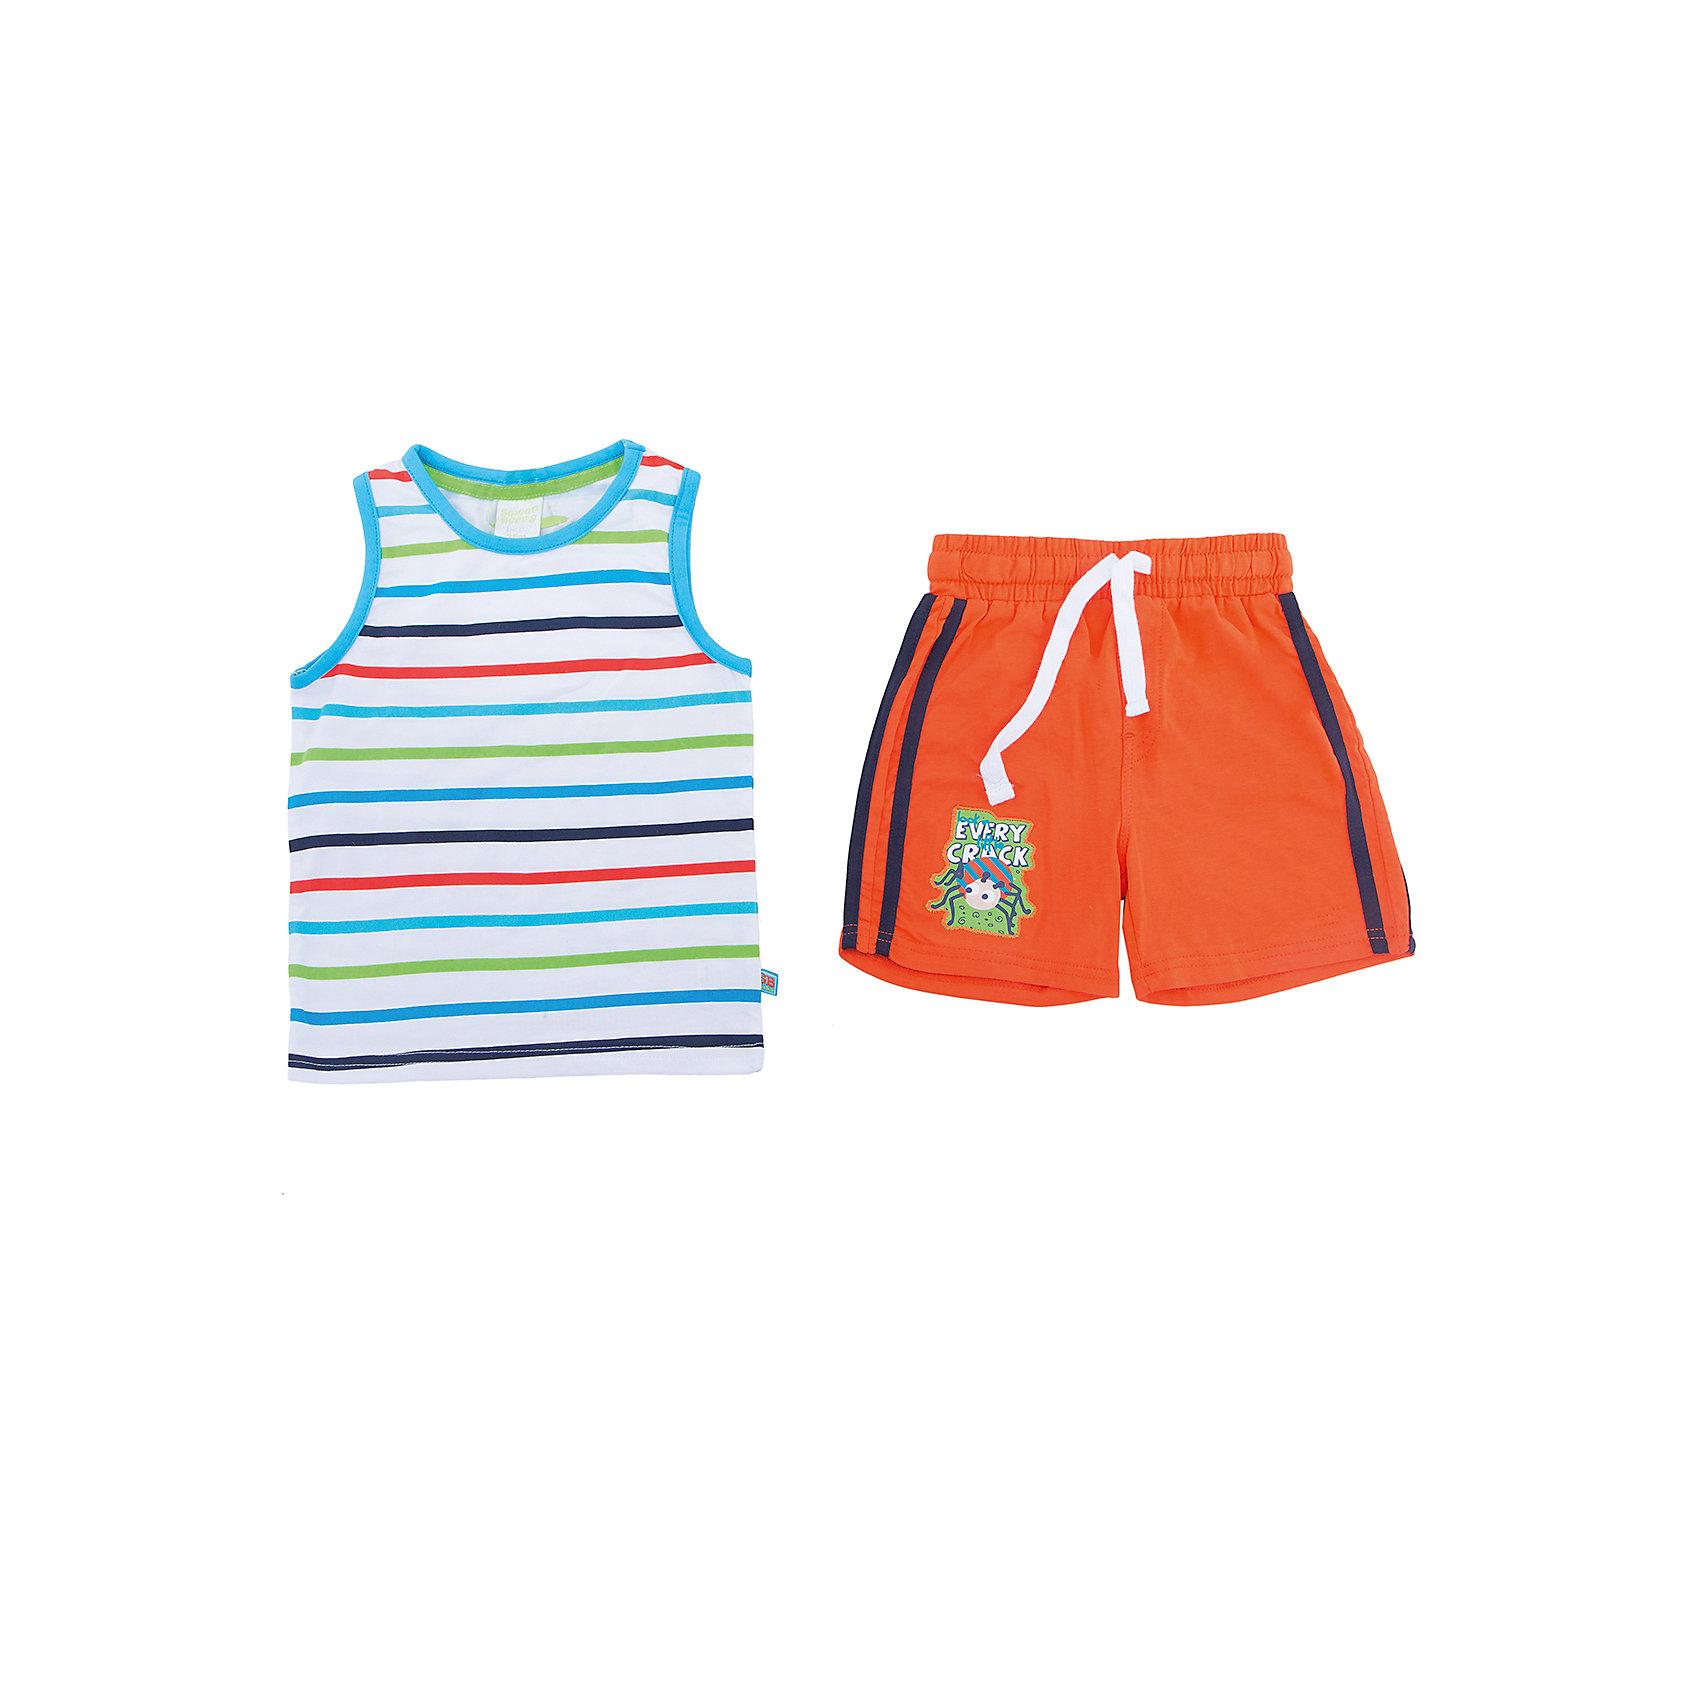 Комплект: майка и шорты для мальчика Sweet BerryКомплекты<br>Яркий летний комплект из двух предметов. Майка в яркую полоску с контрастной окантовкой по горловине и пройме. Шорты украшены контрастными полосками по бокам и ярким принтом. Пояс на резинке дополнительно регулируется контрастным шнурком.<br>Состав:<br>95% хлопок 5% эластан<br><br>Ширина мм: 199<br>Глубина мм: 10<br>Высота мм: 161<br>Вес г: 151<br>Цвет: оранжевый<br>Возраст от месяцев: 24<br>Возраст до месяцев: 36<br>Пол: Мужской<br>Возраст: Детский<br>Размер: 98,86,80,92<br>SKU: 4020021